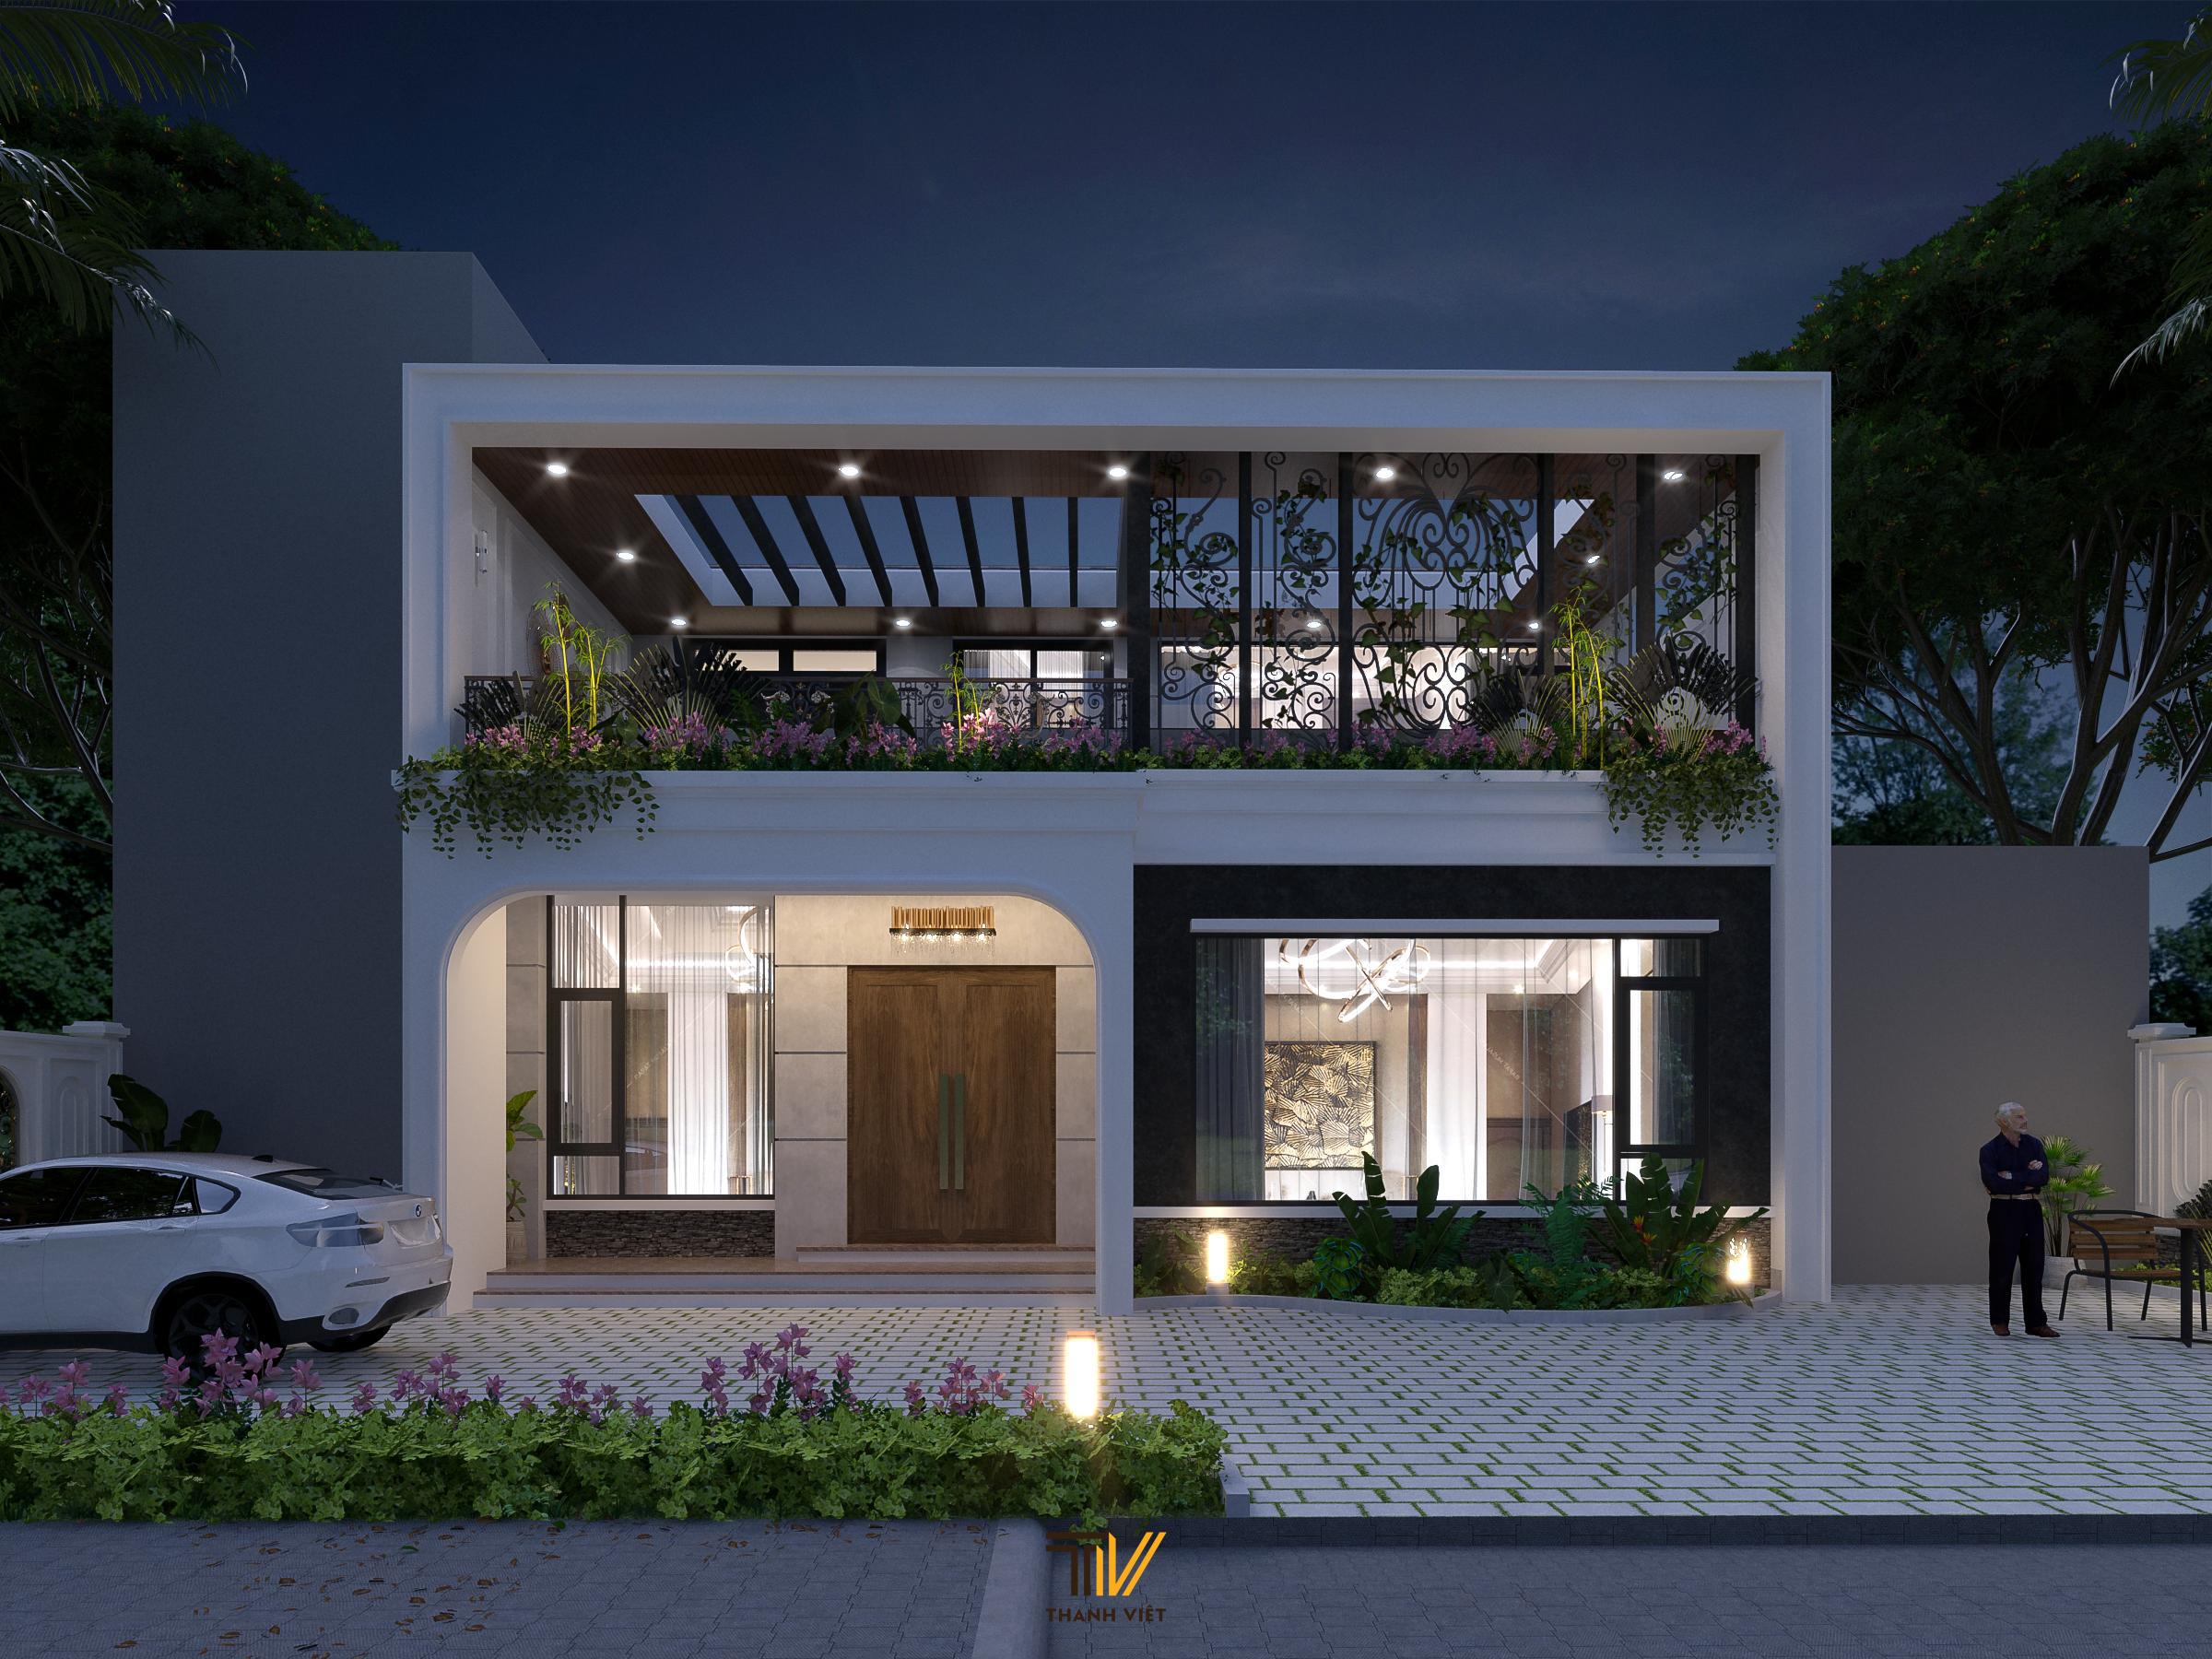 Thiết kế kiến trúc Villa 2 tầng có bể bơi trong nhà độc đáo tại Phú Thọ!